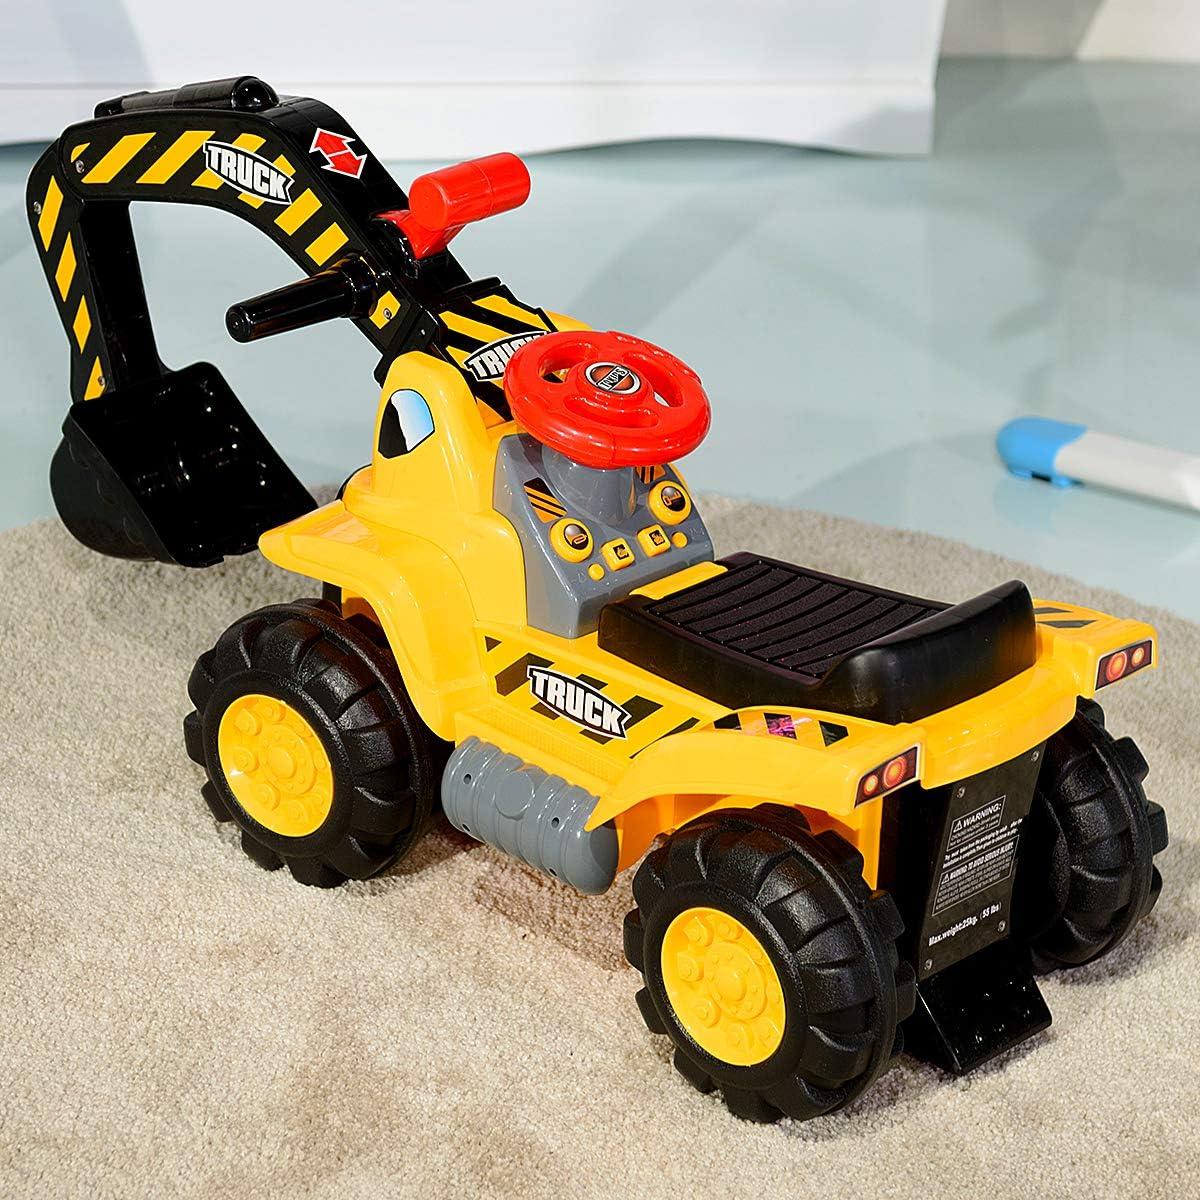 89 x 45 x 30 cm Adatto Bambini da 3 Anni in su Ruspa Giocattolo Cavalcabile Elettrica Costway Ruspa Elettrica Multifunzione per Bambini